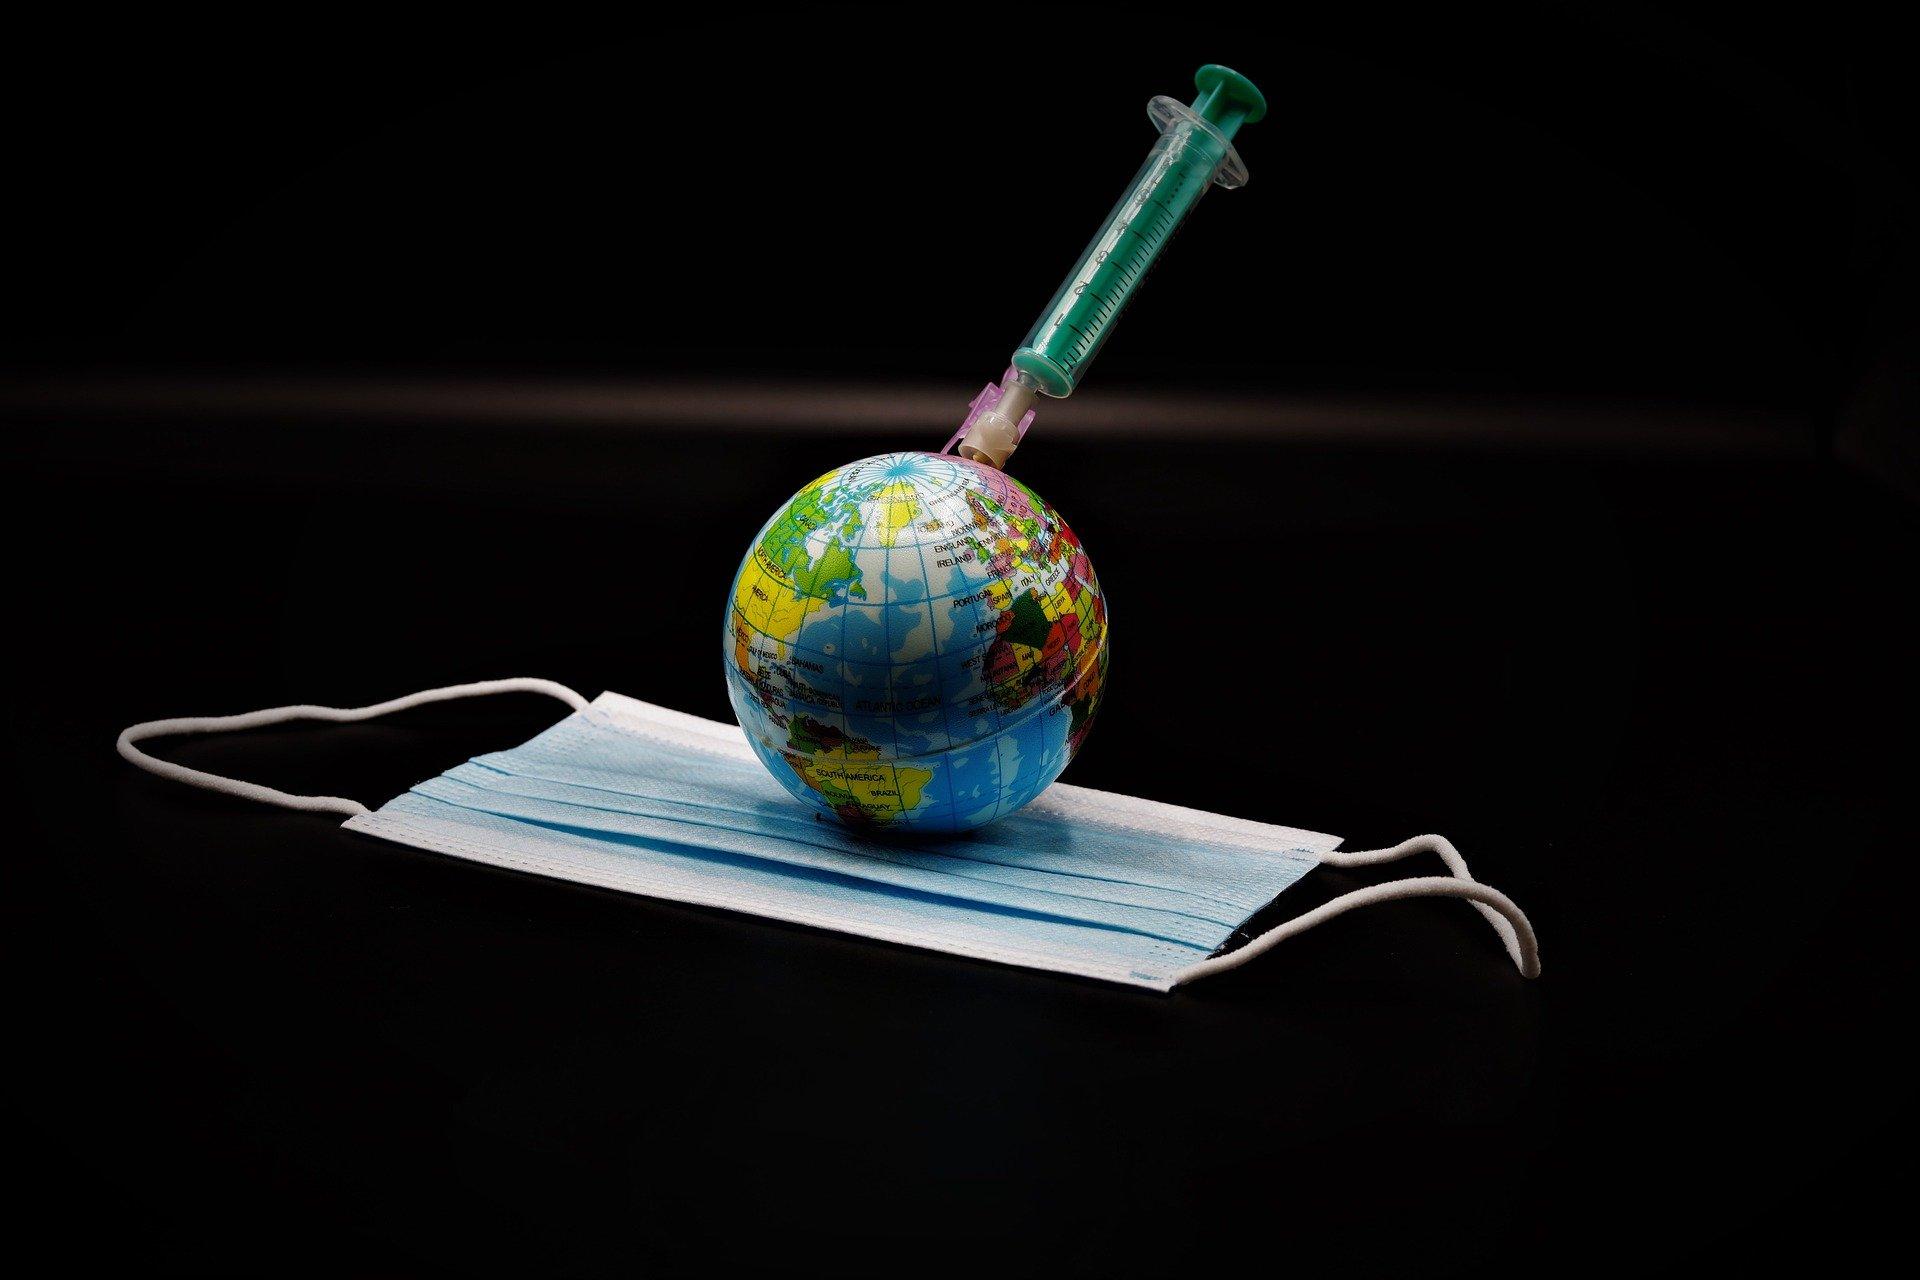 Κορωνοϊός εμβόλιο self test: Self test και εμβολιασμοί για επιστροφή στην κανονικότητα